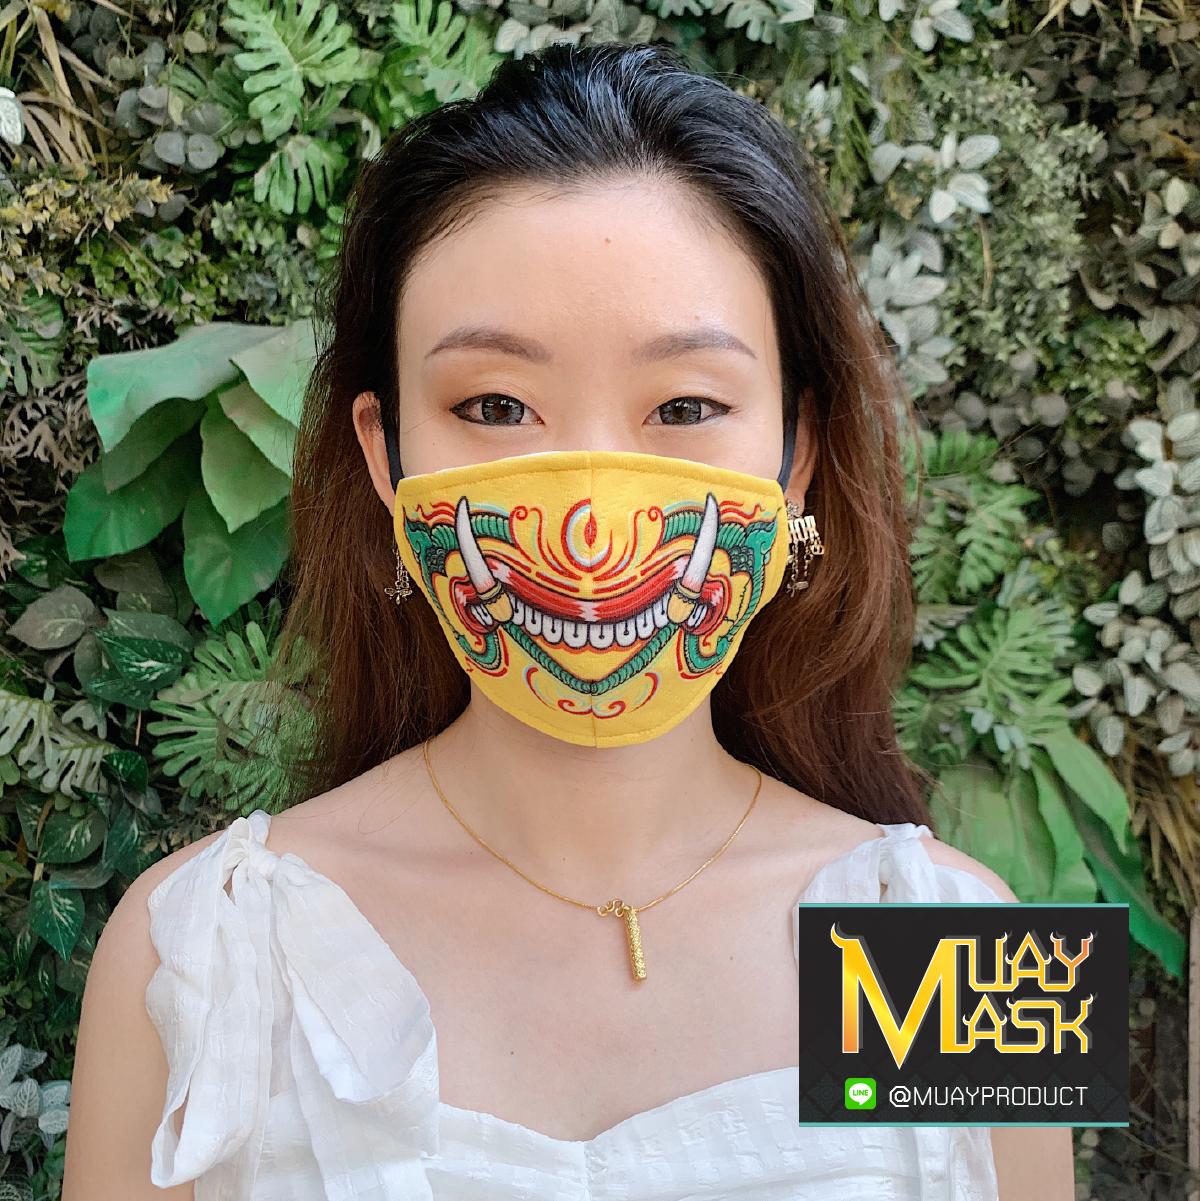 หน้ากากผ้าหน้ายักษ์สีเหลือง